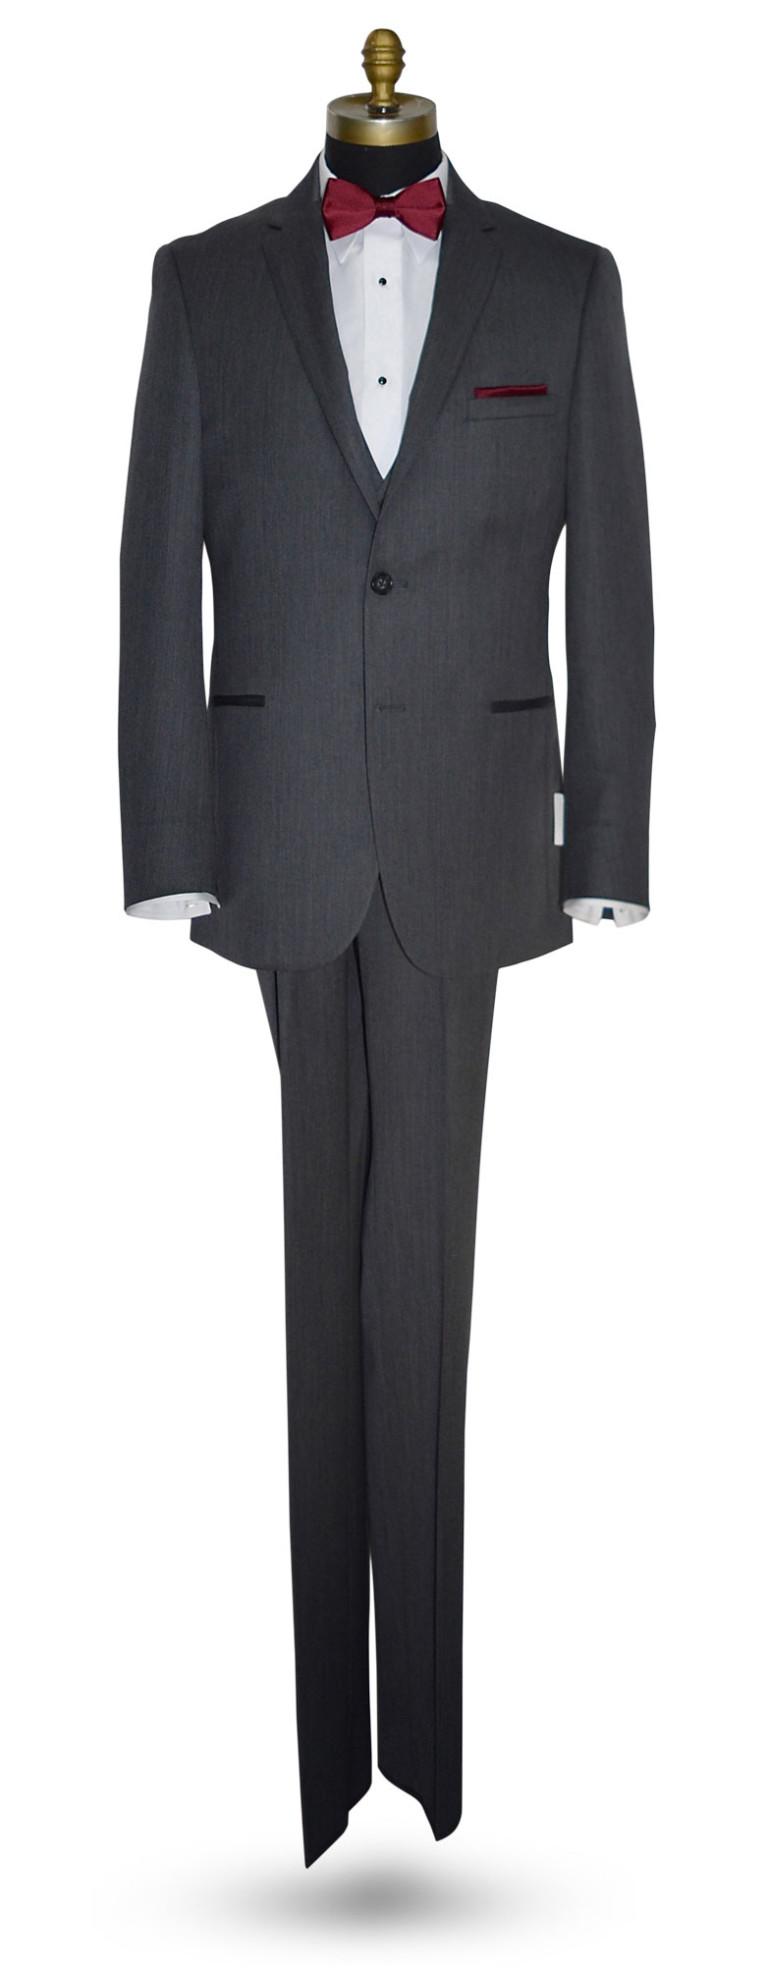 Michael Koors Slim Fit Charcoal Suit